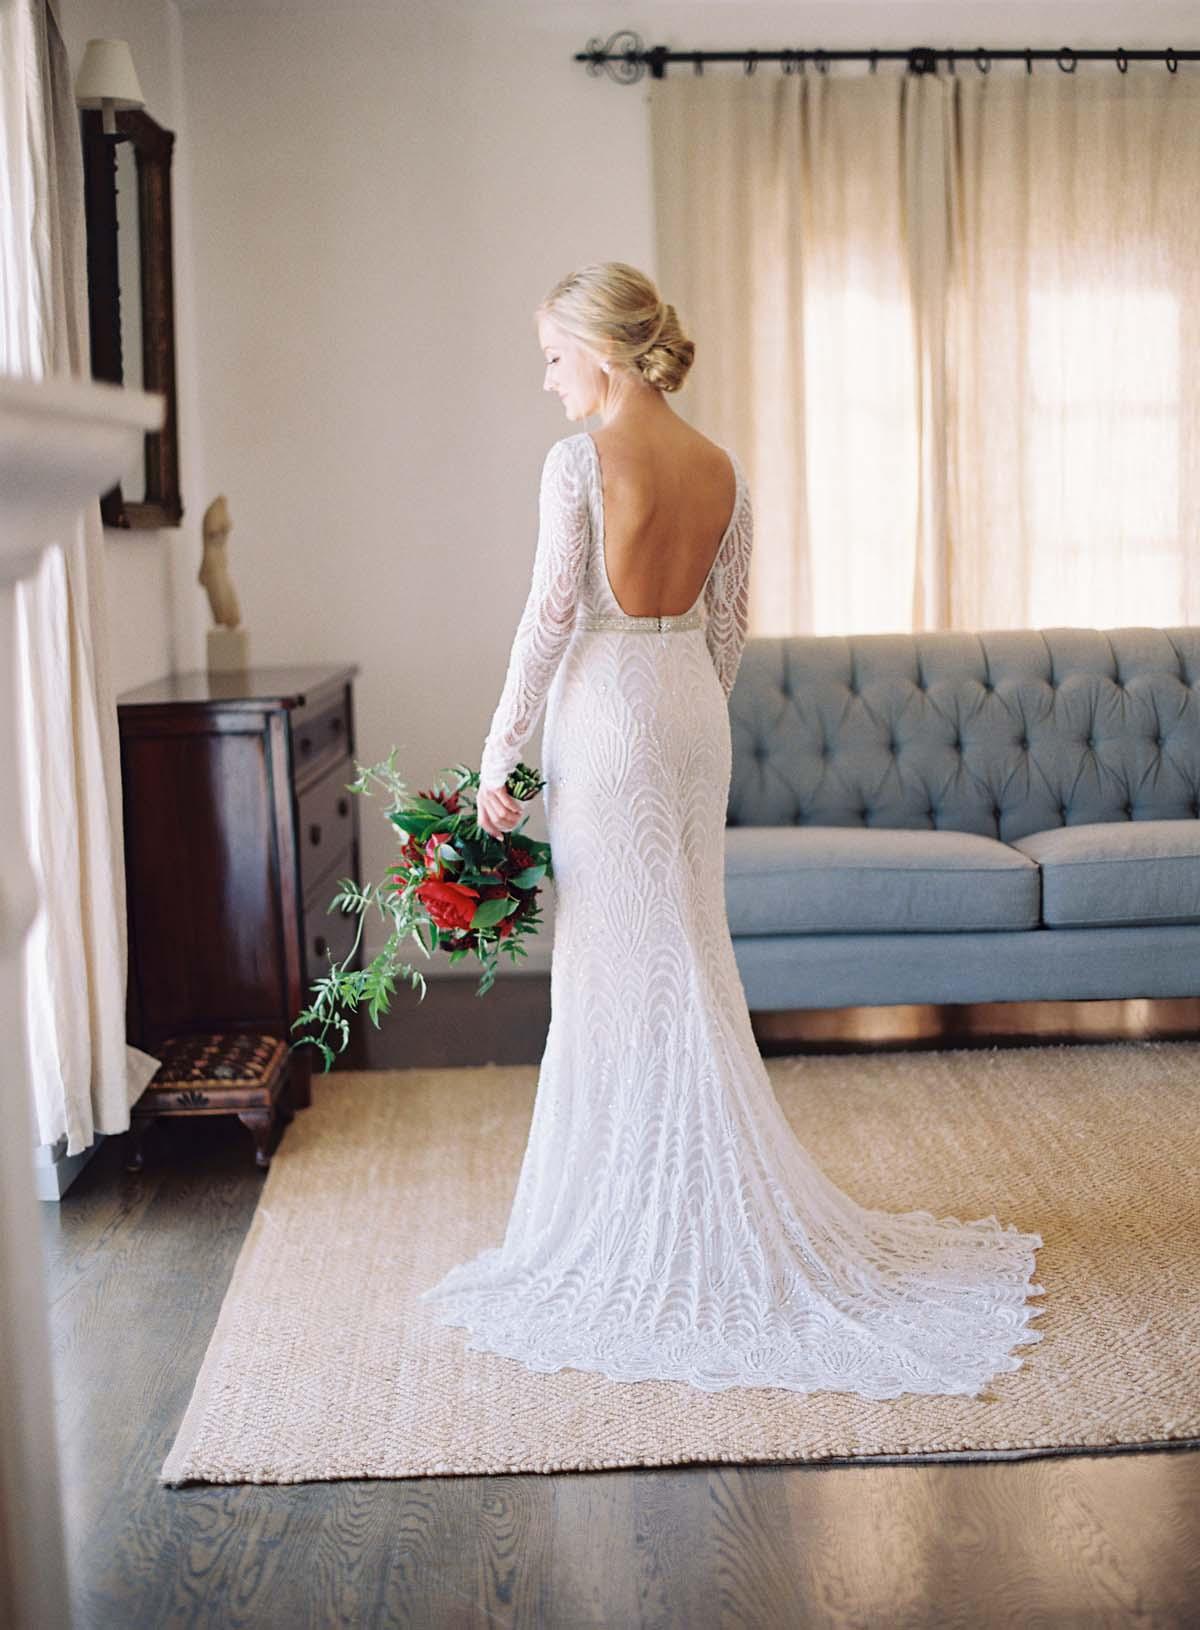 XOXO-BRIDE-EVENTS_Braedon-Flynn-Photography-01